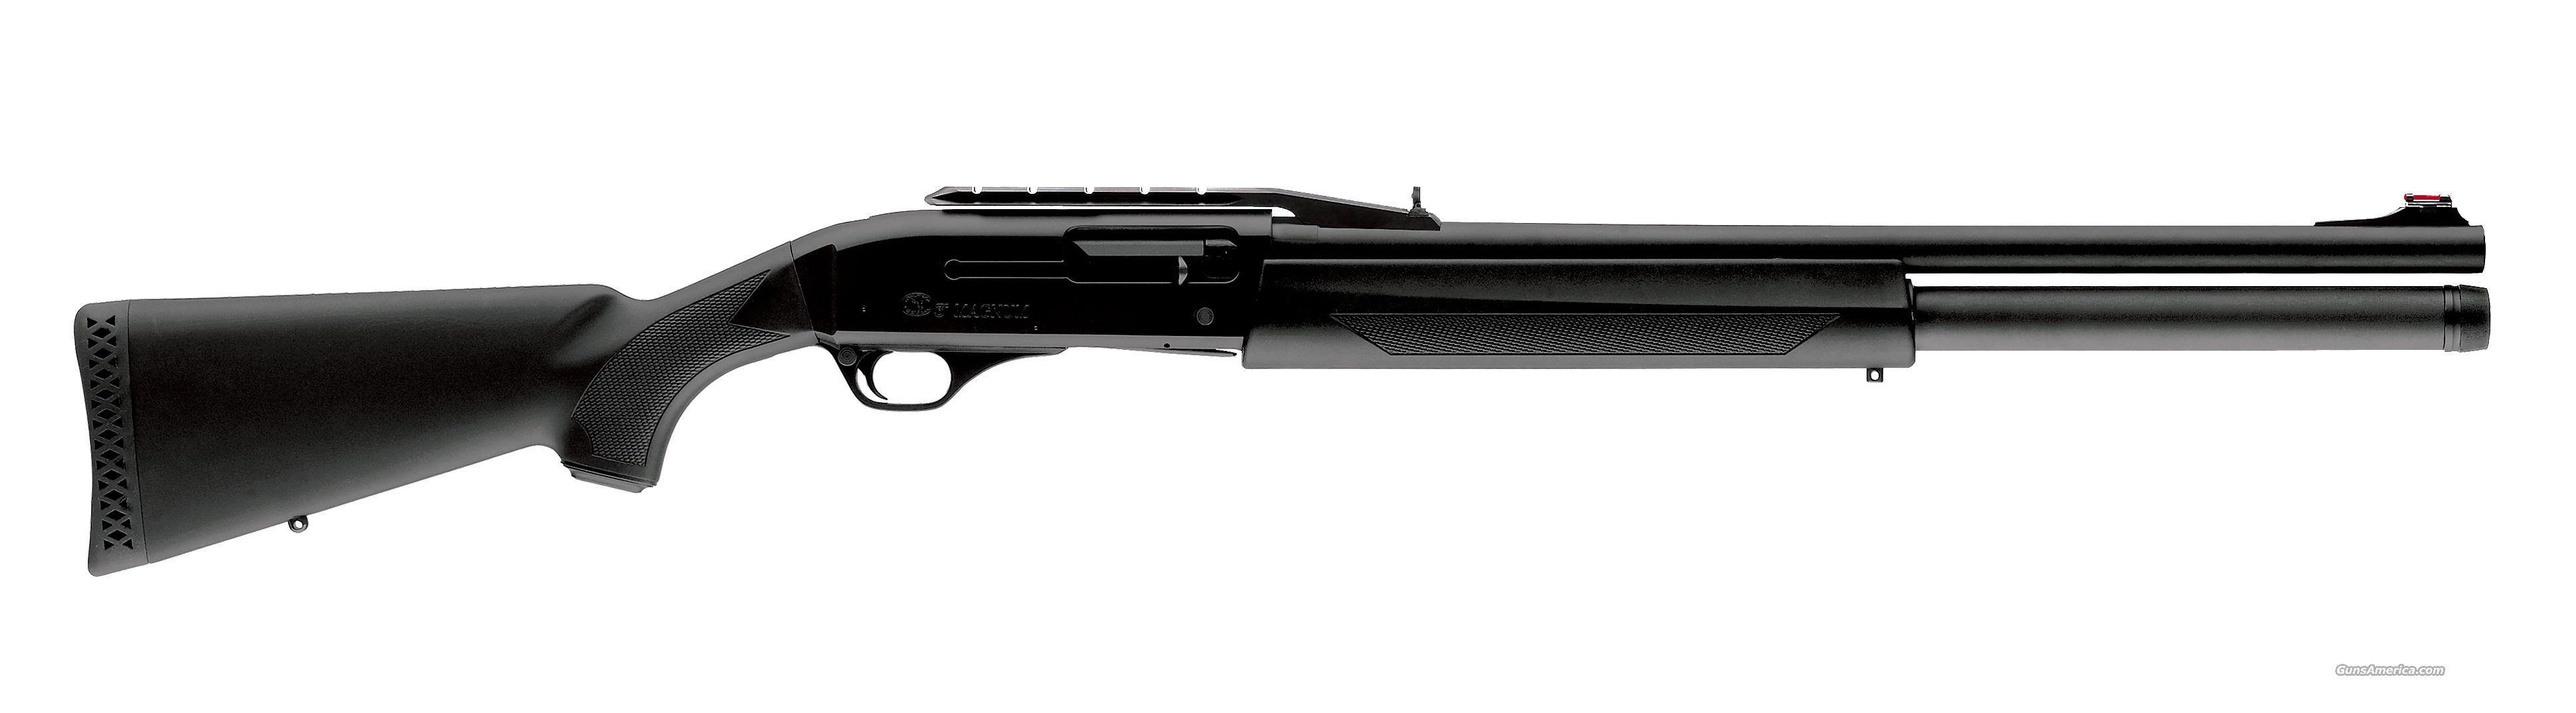 """FNH SLP Mark I 12 ga 22"""" Practical *NEW* Guns > Shotguns > FNH - Fabrique Nationale (FN) Shotguns > Auto > FN SLP"""